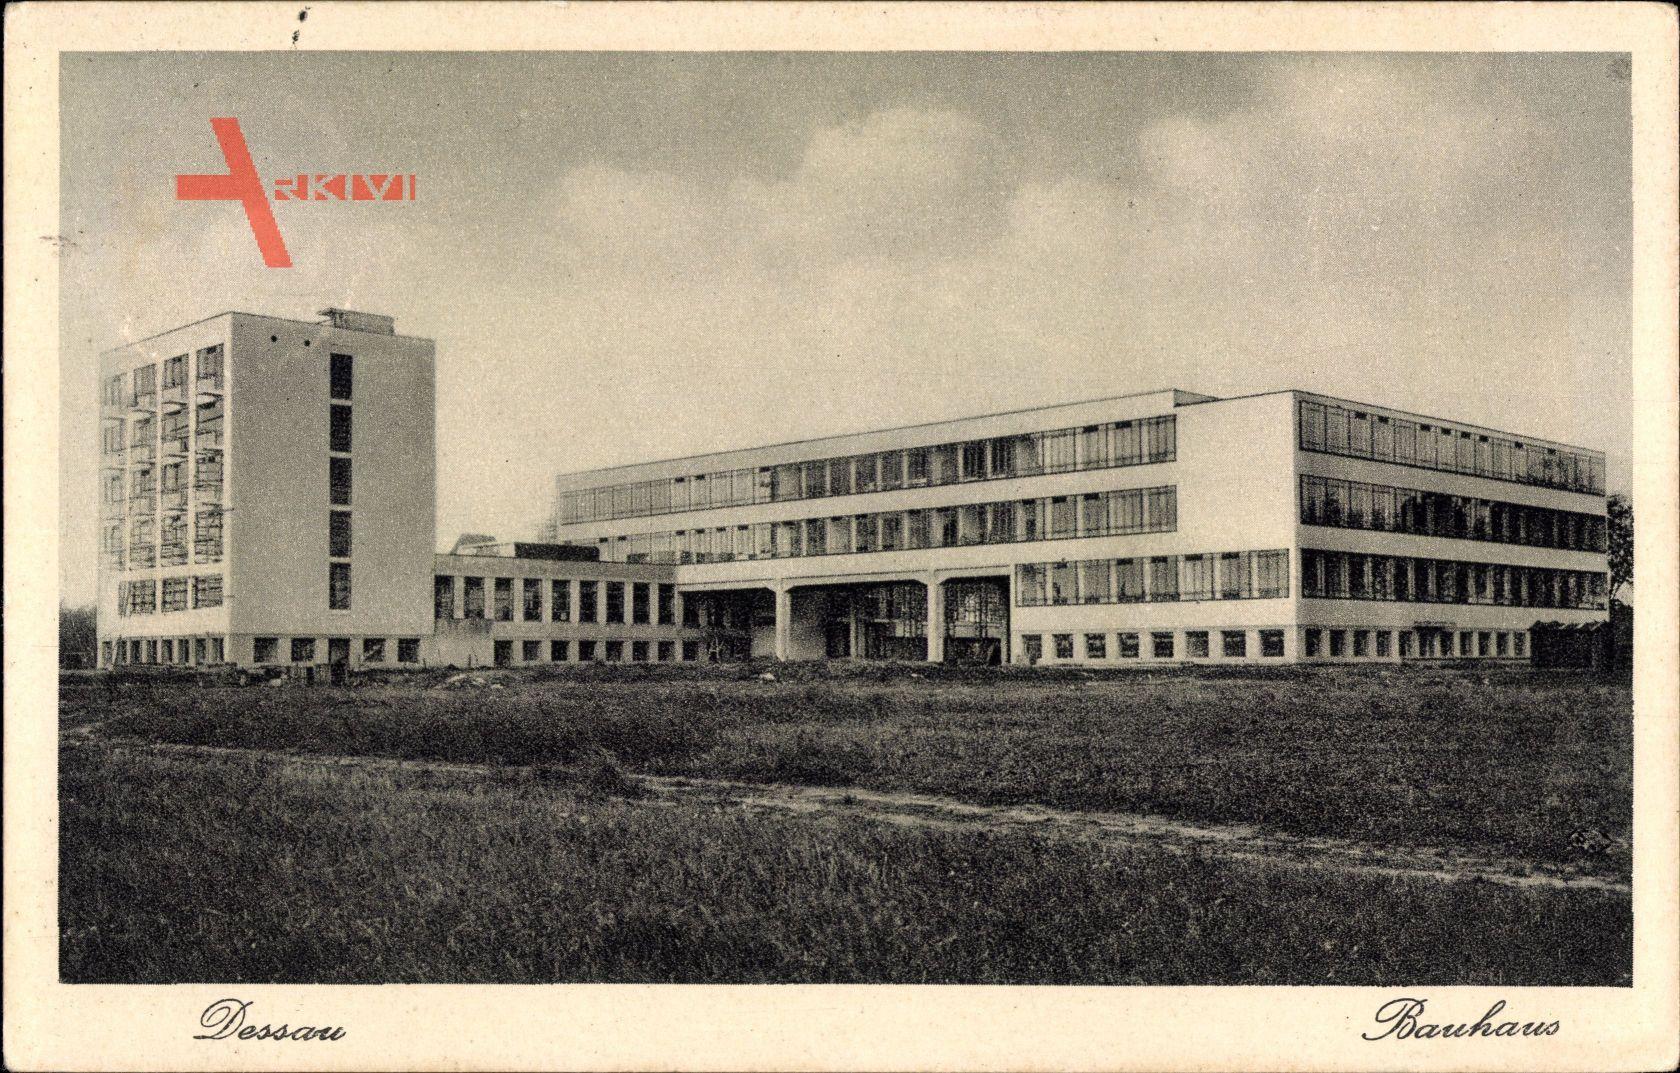 Dessau in Sachsen Anhalt, Totalansicht vom Bauhaus